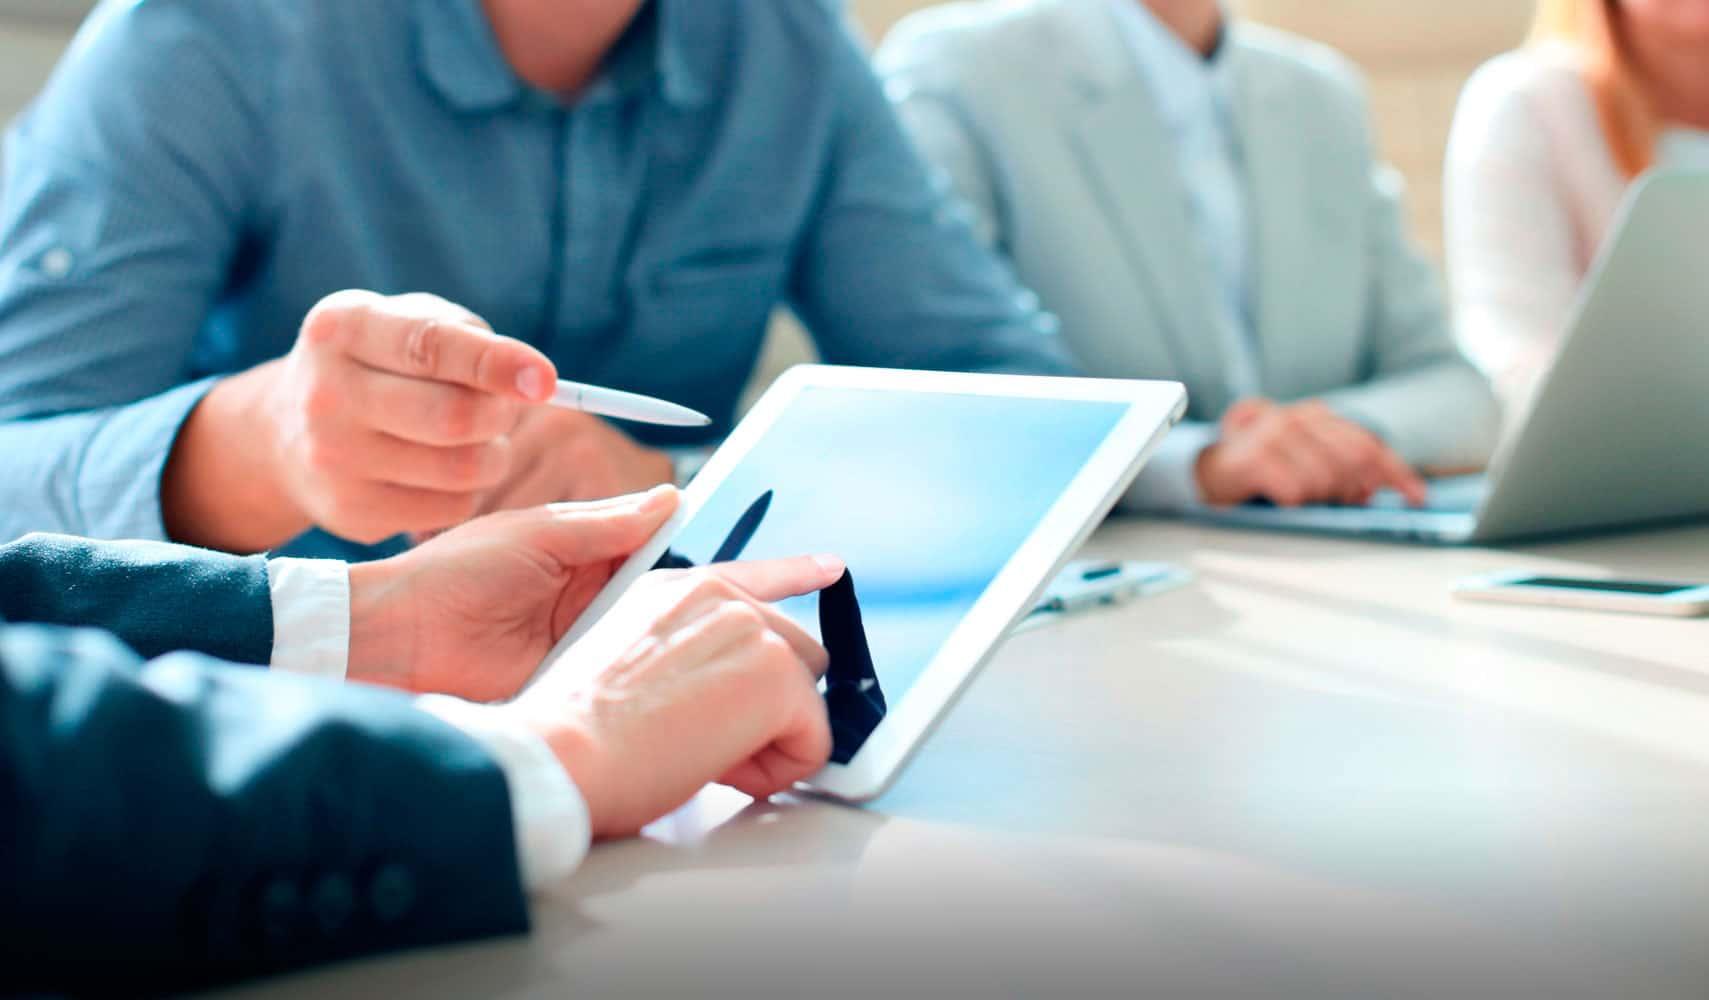 Oficina de proyectos consultor a tecnol gica y de negocio for Oficina de proyectos